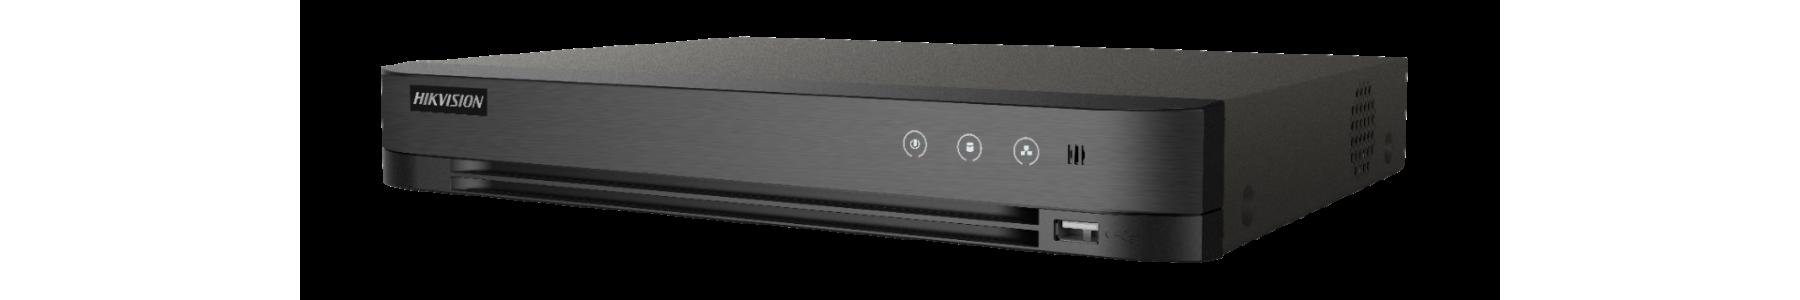 DVR SERIE 7200 HQHI ACUSENSE (Ibridi HDTVI/AHD/HDCVI/IP/CVBS) HDD Incluso